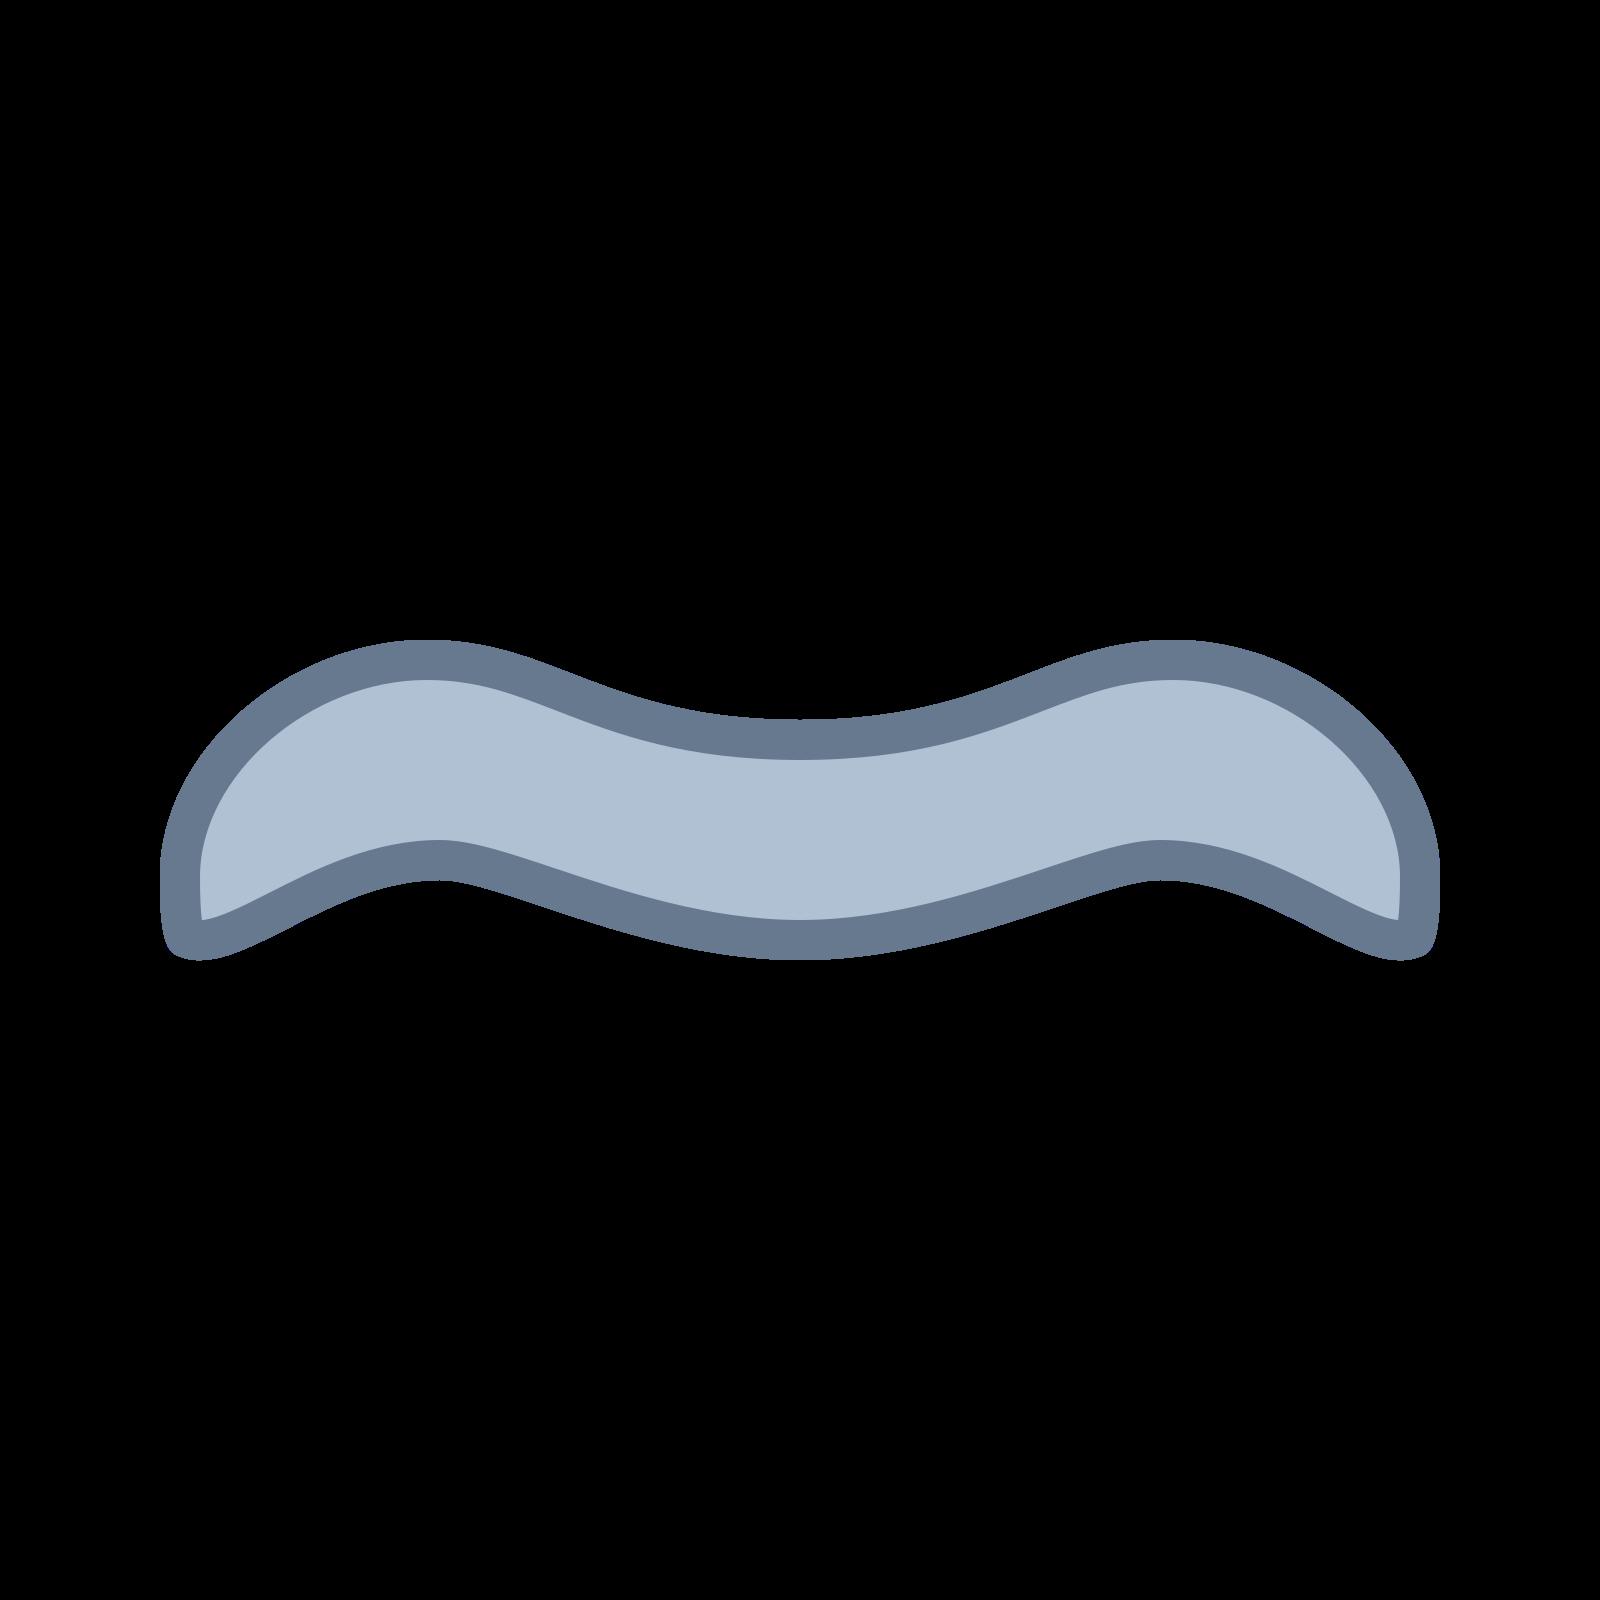 Ghandhi Mustache icon